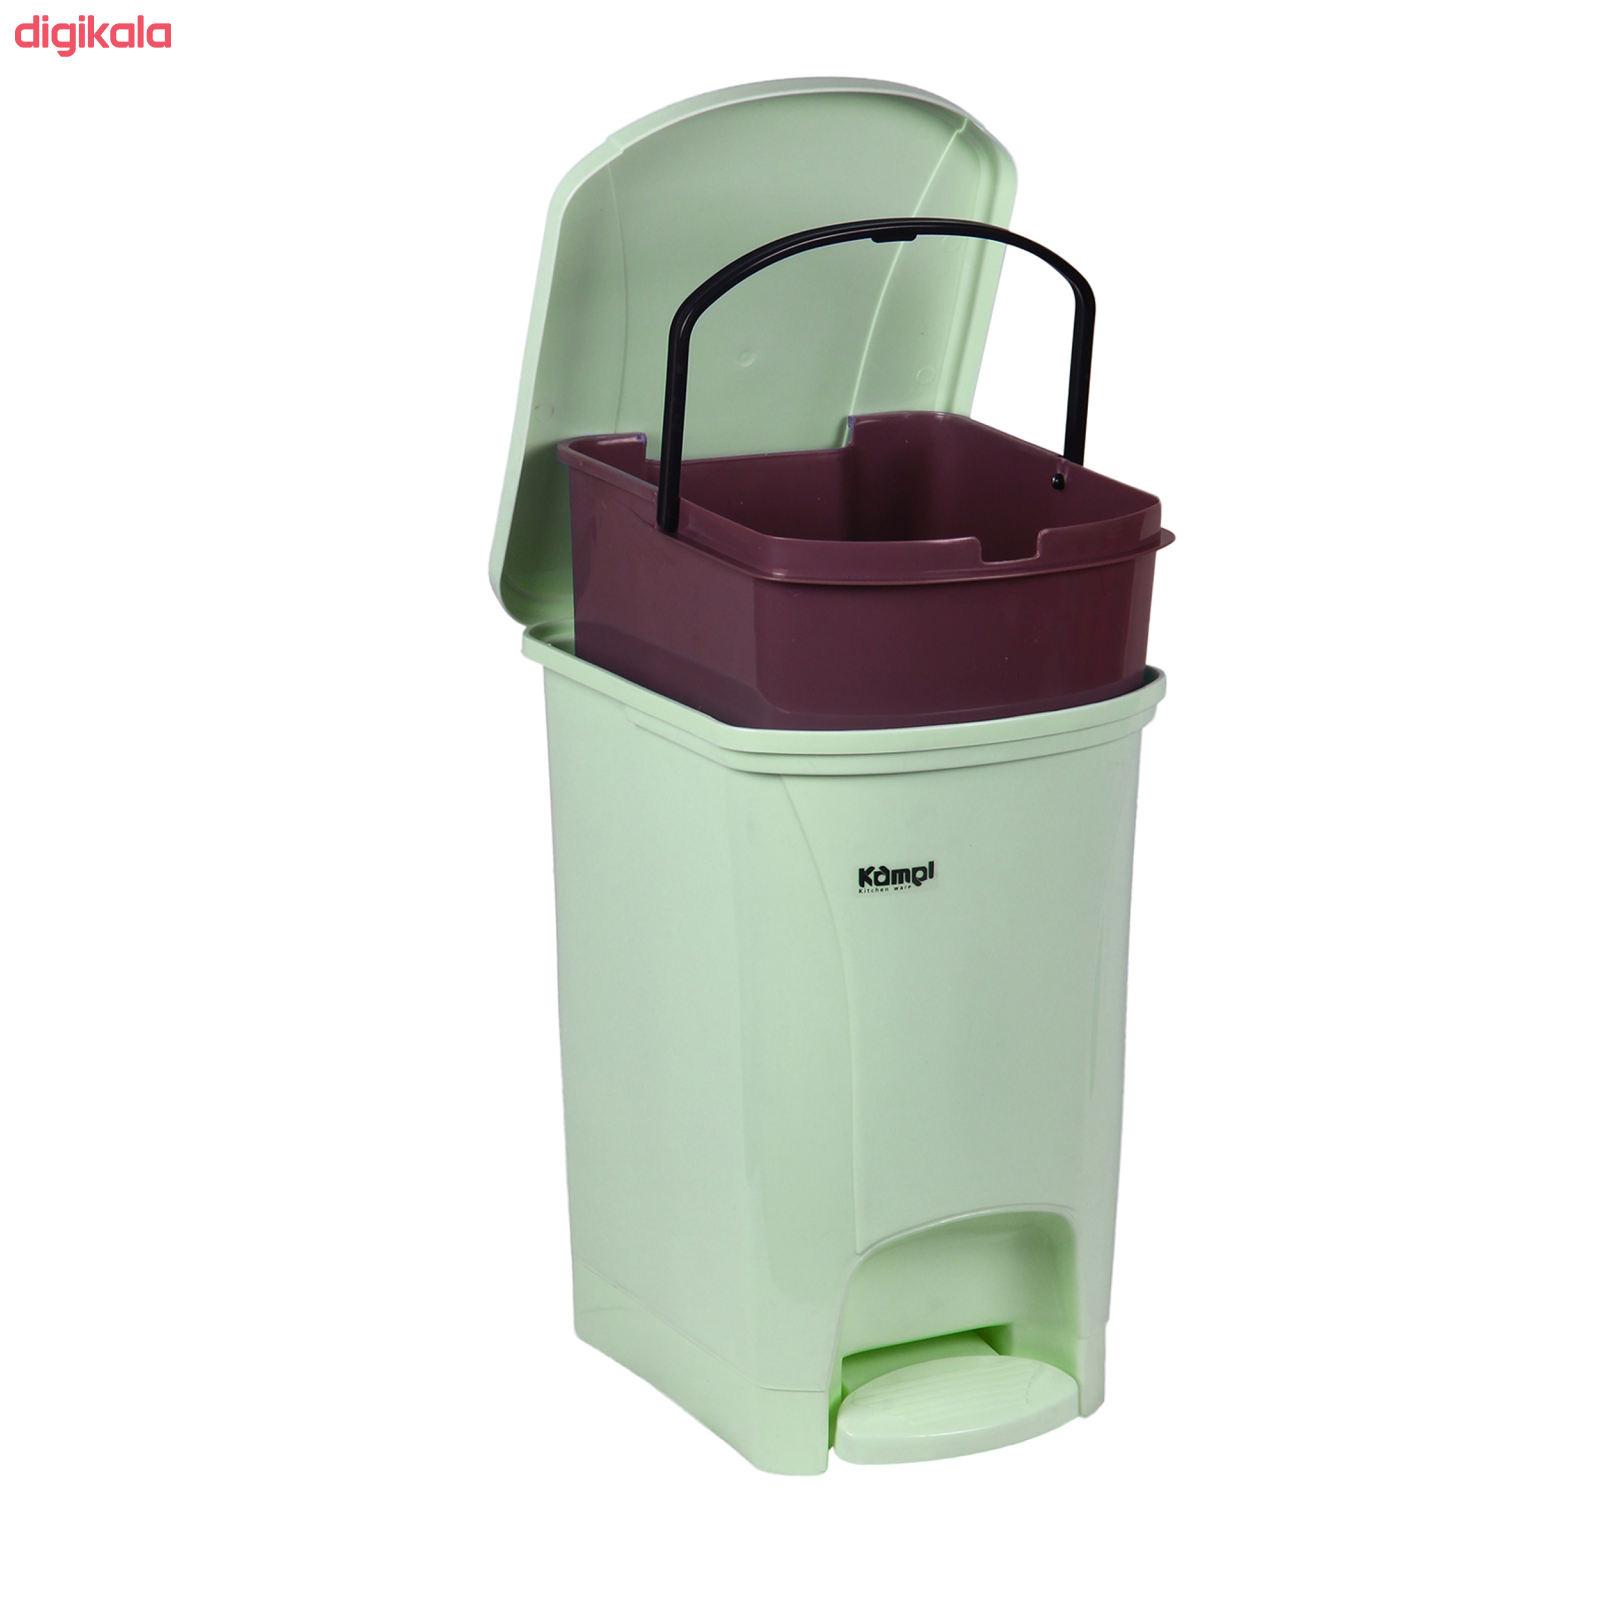 سطل زباله پدالی کامل کد 450 main 1 1